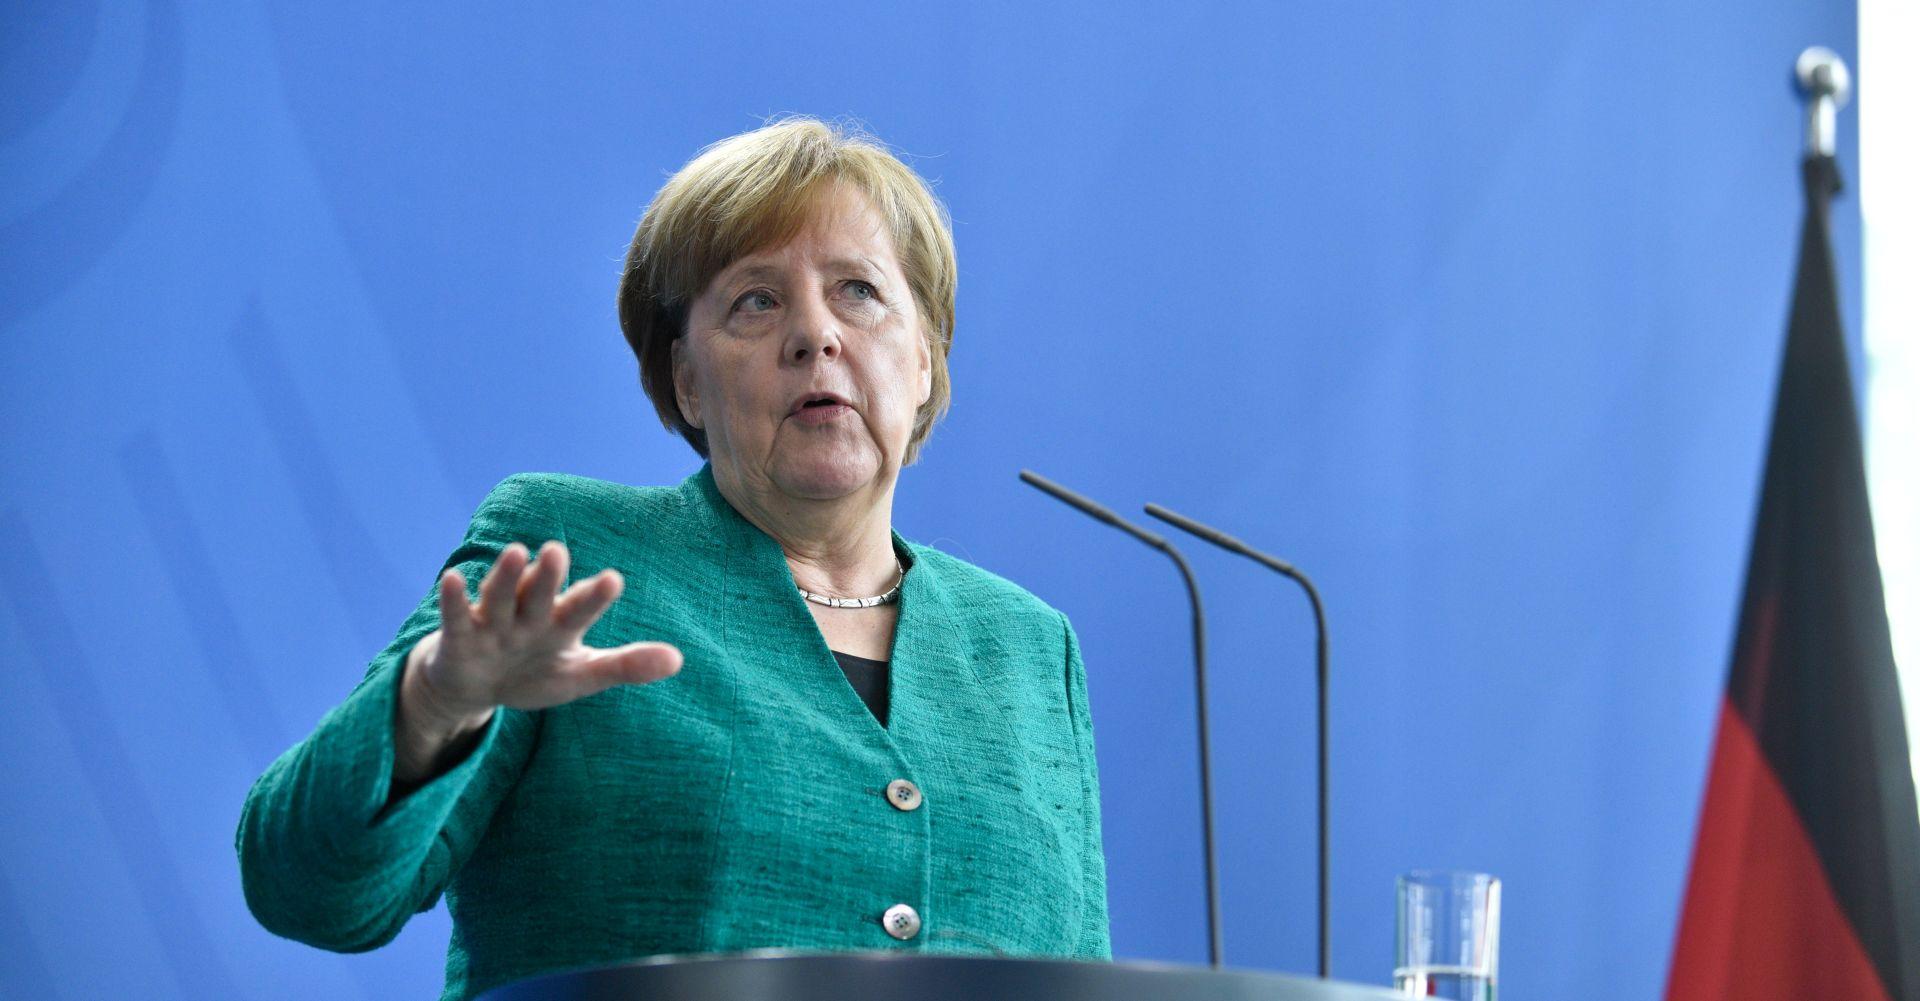 Njemačka se suočava s novim oblikom protužidovskog raspoloženja